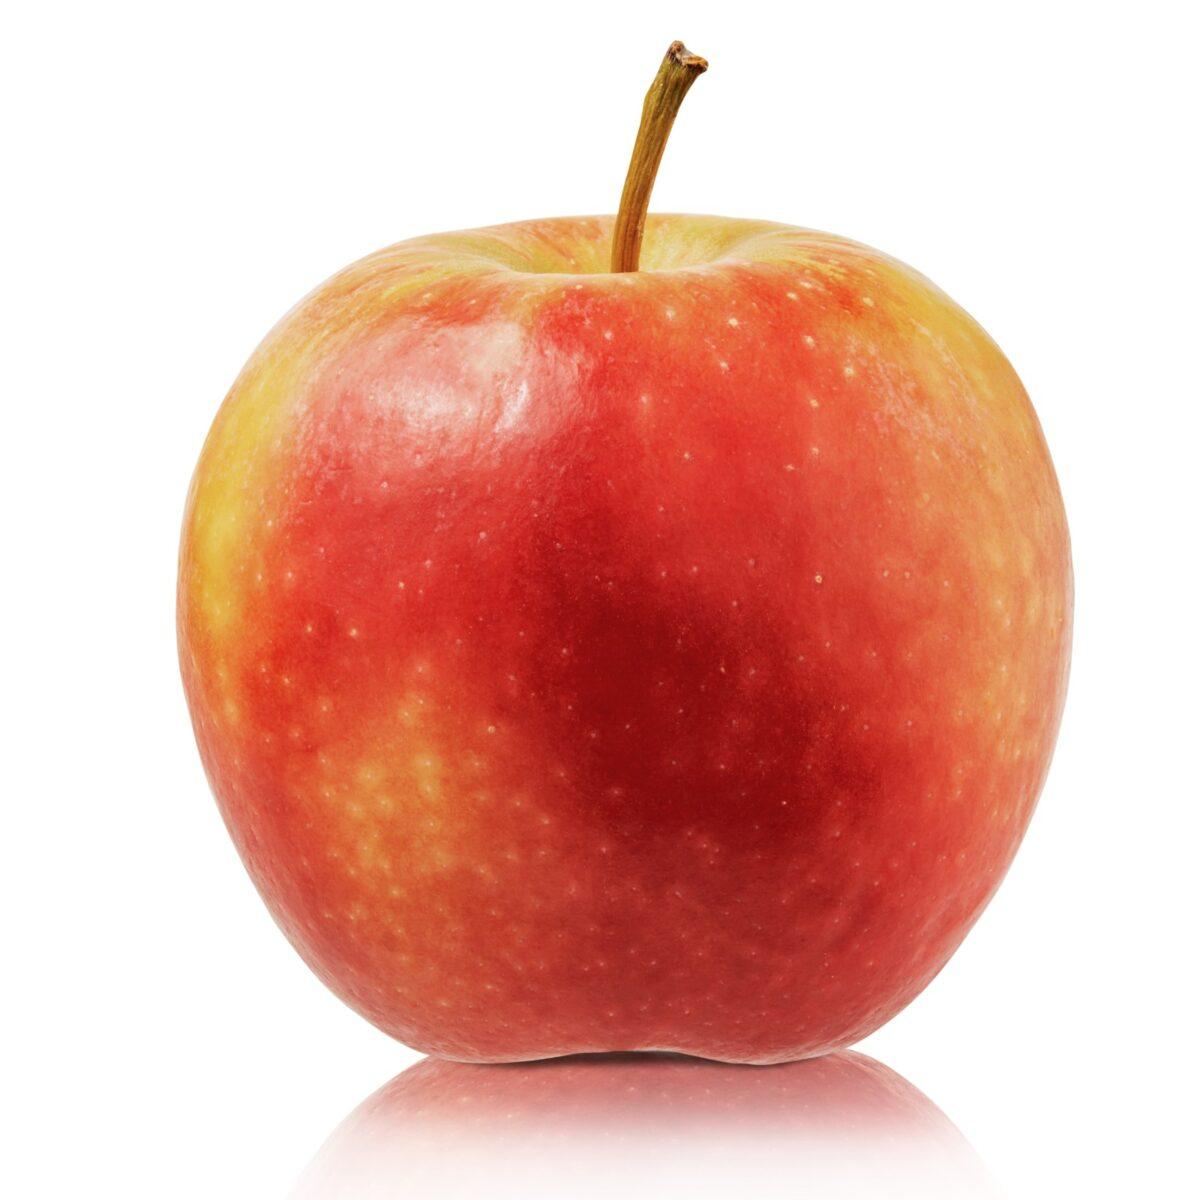 Nella foto è ritratta una mela rossa